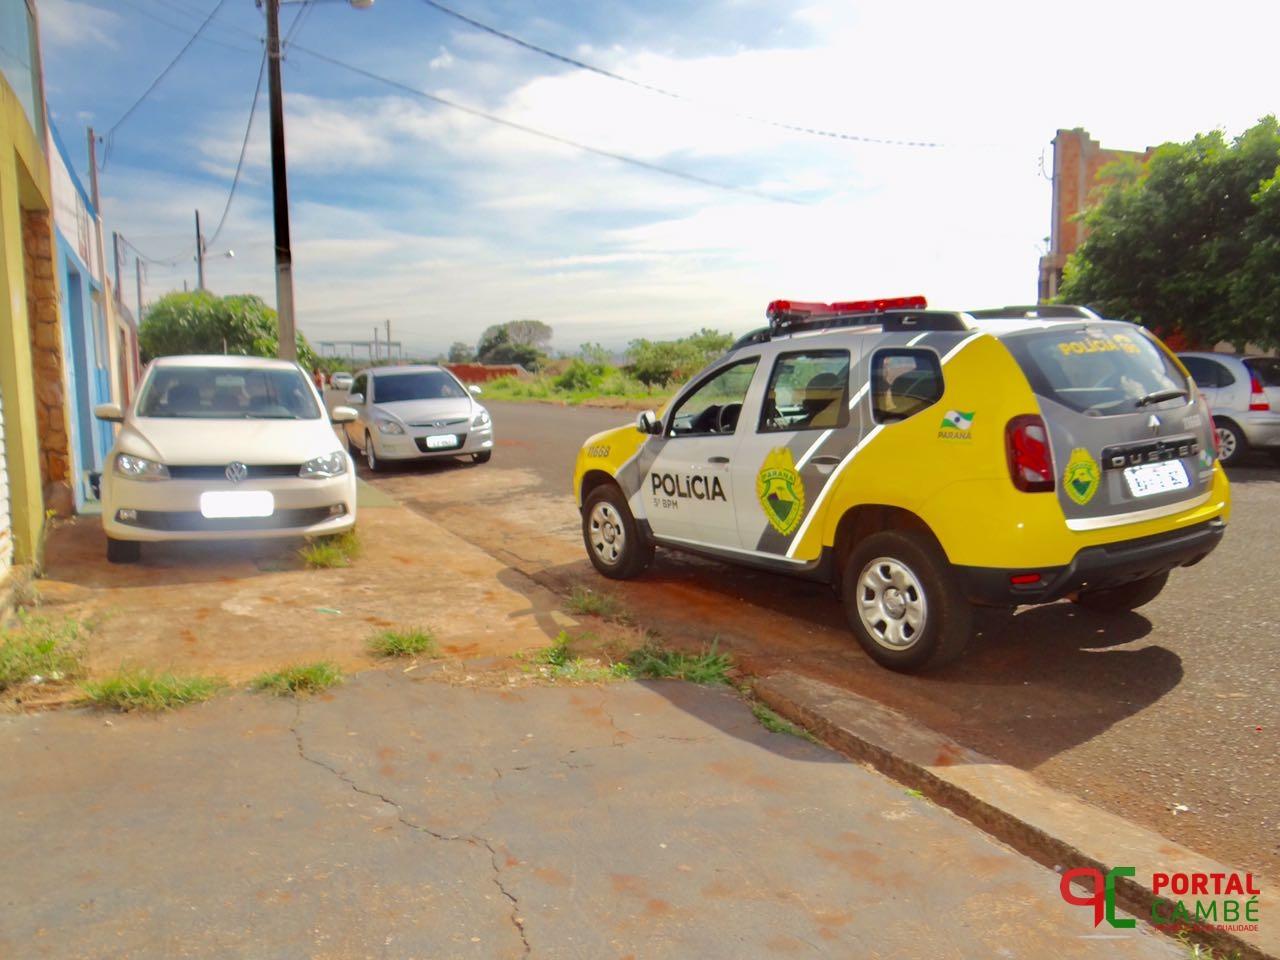 Veículo roubado em Londrina é localizado abandonado no Jardim Bela Itália em Cambé